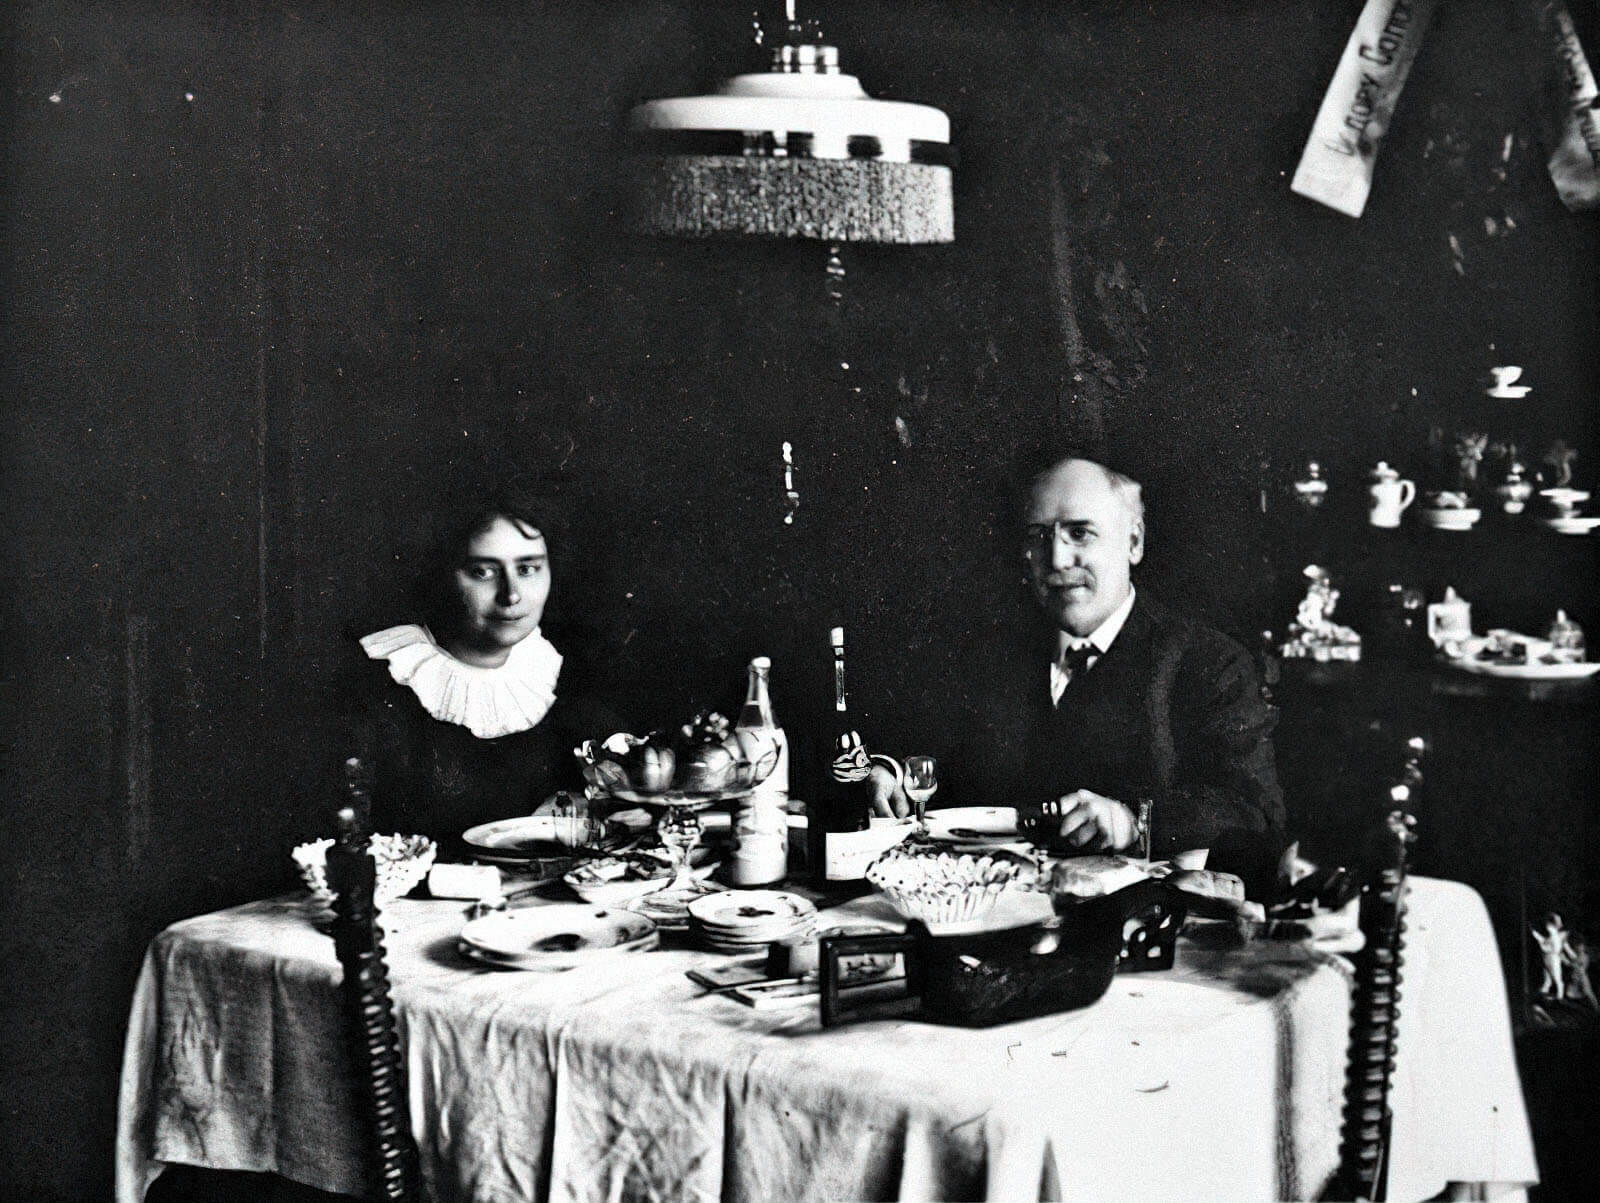 Федор Сологуб с женой Анастасией Чеботаревской, с которой они устраивали у себя дома литературные салоны, 1900-е гг.